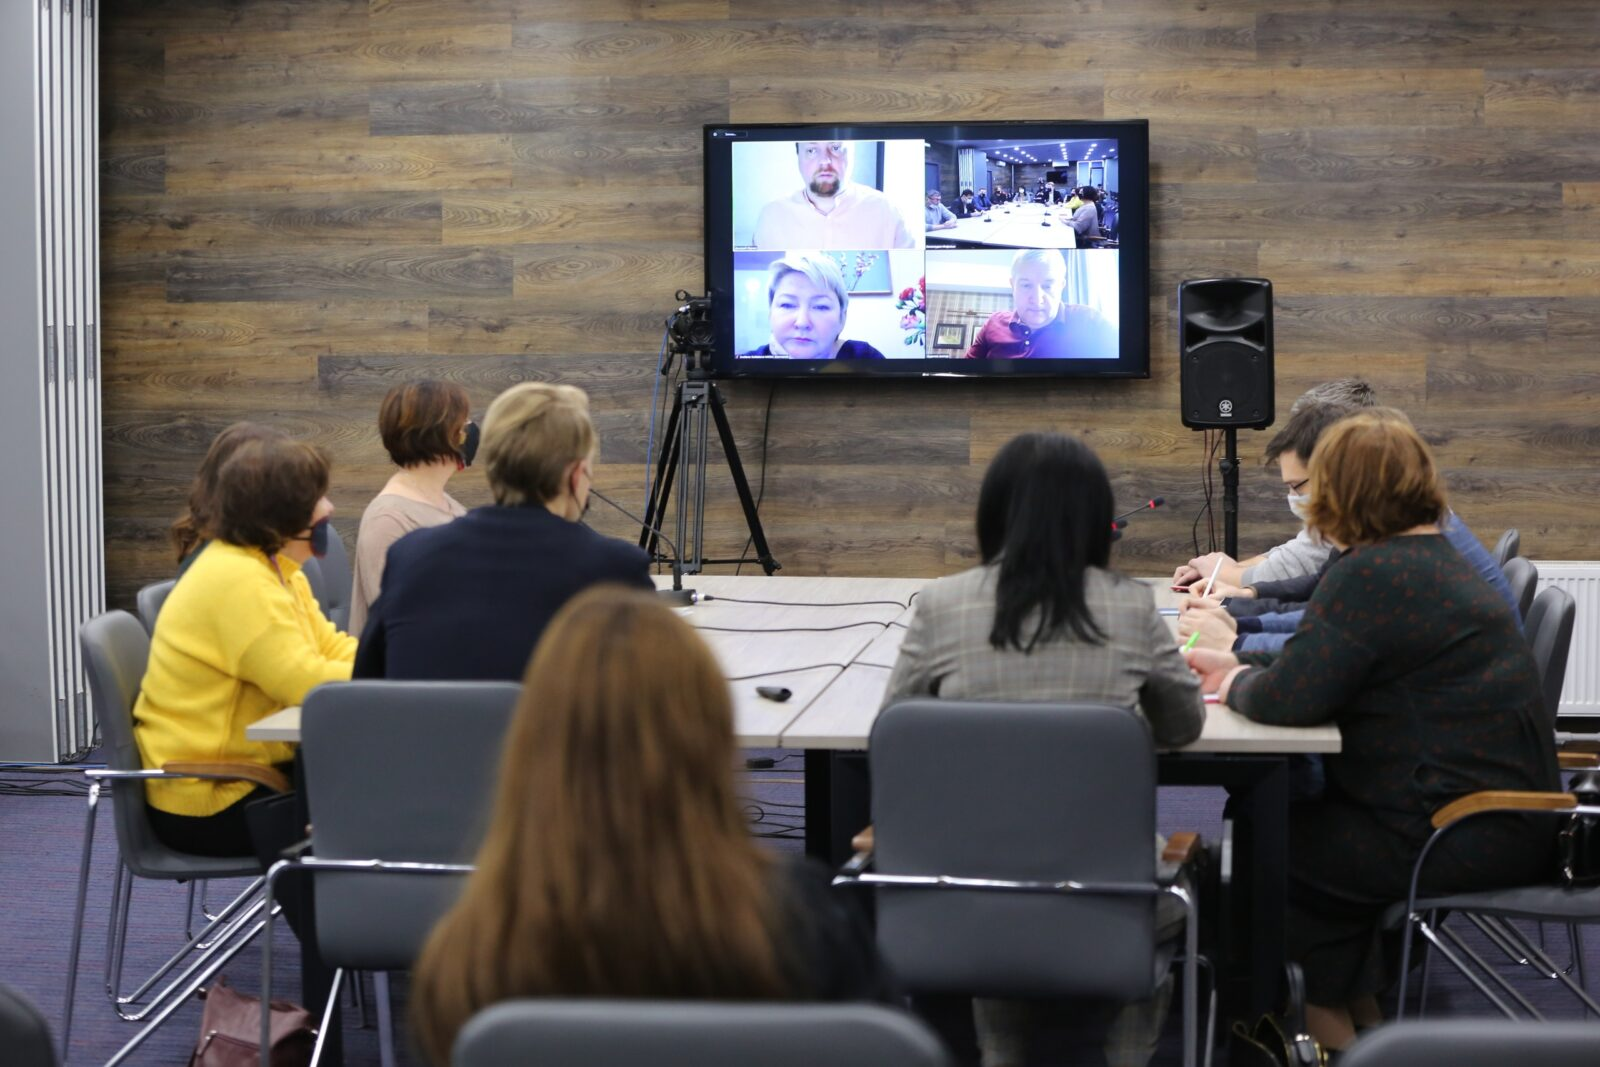 Круглый стол по развитию регионального кинематографа на Севере